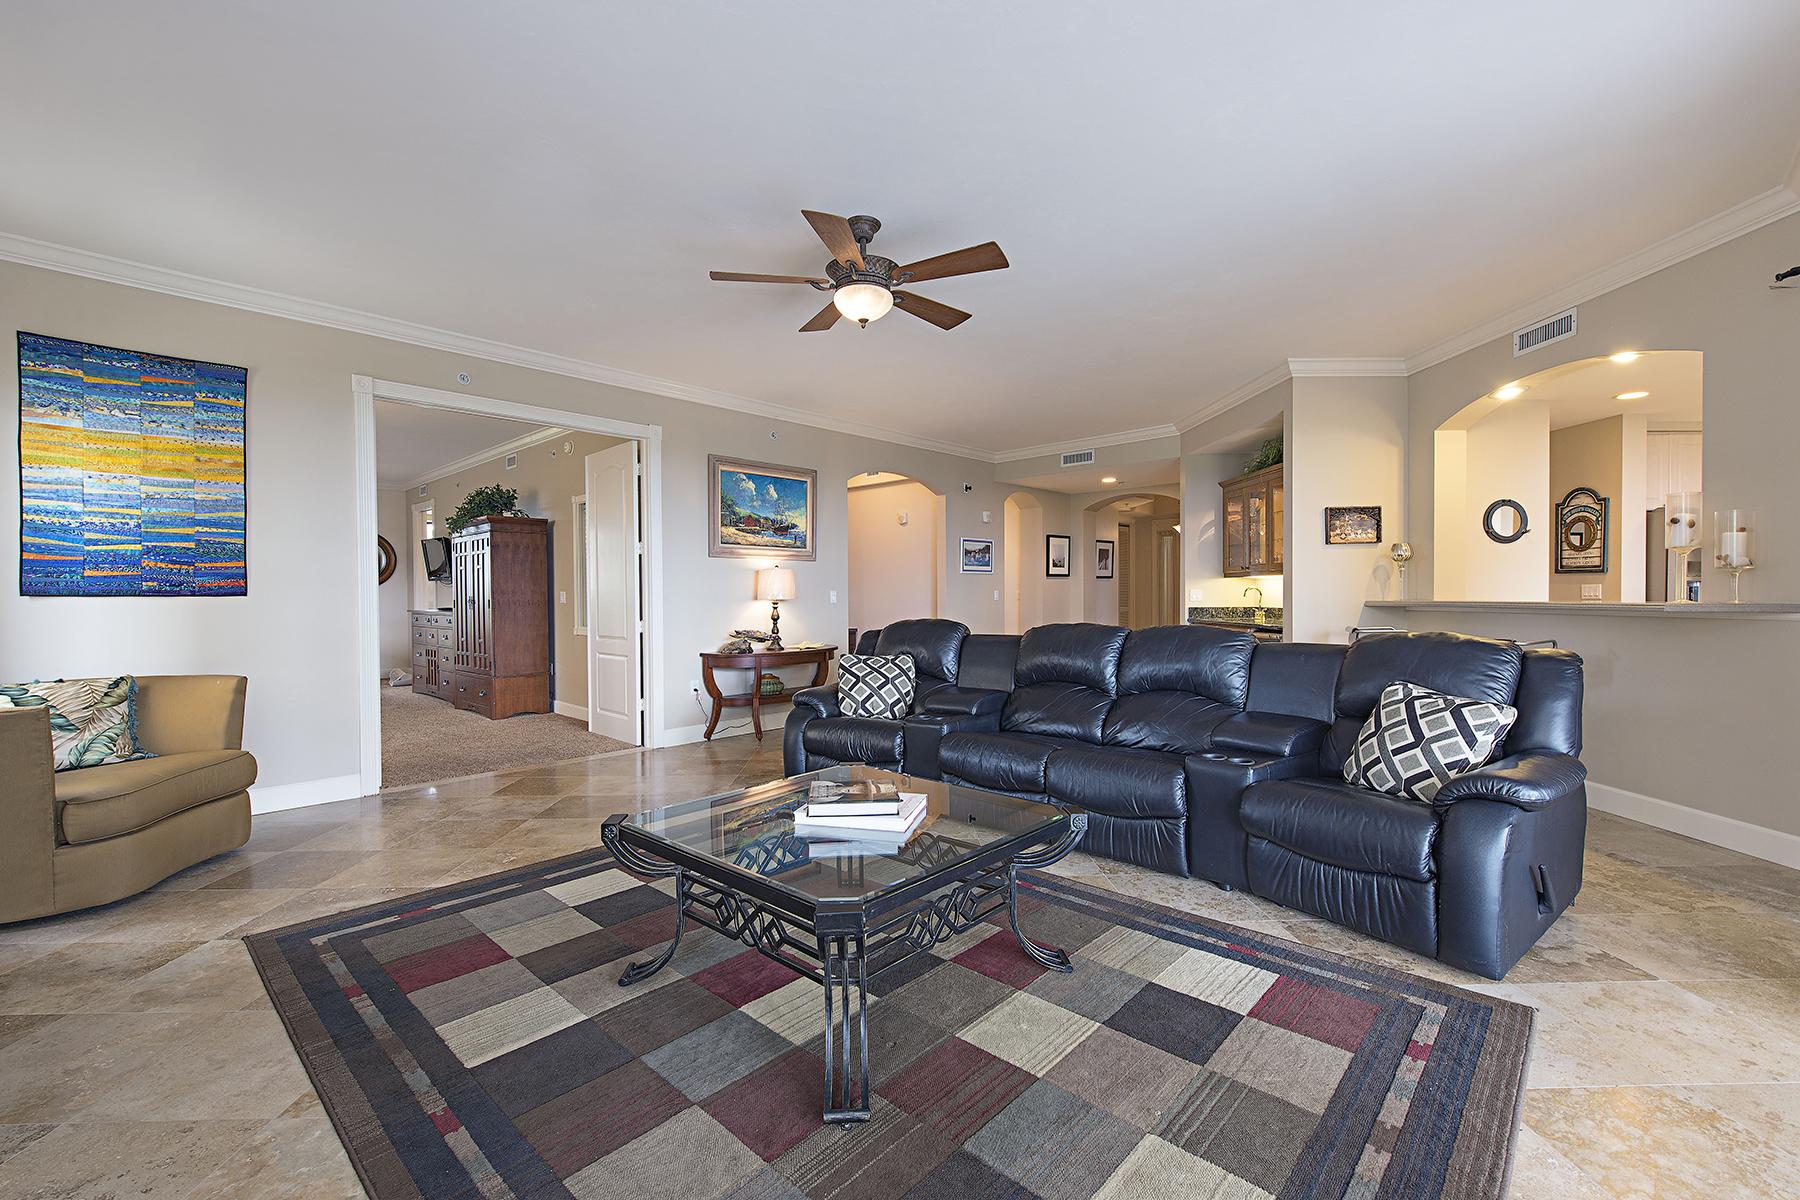 Condomínio para Venda às GULF HARBOUR YACHT AQND COUNTRY CLUB - PALMAS DEL 11620 Court Of Palms 106 Fort Myers, Florida, 33908 Estados Unidos